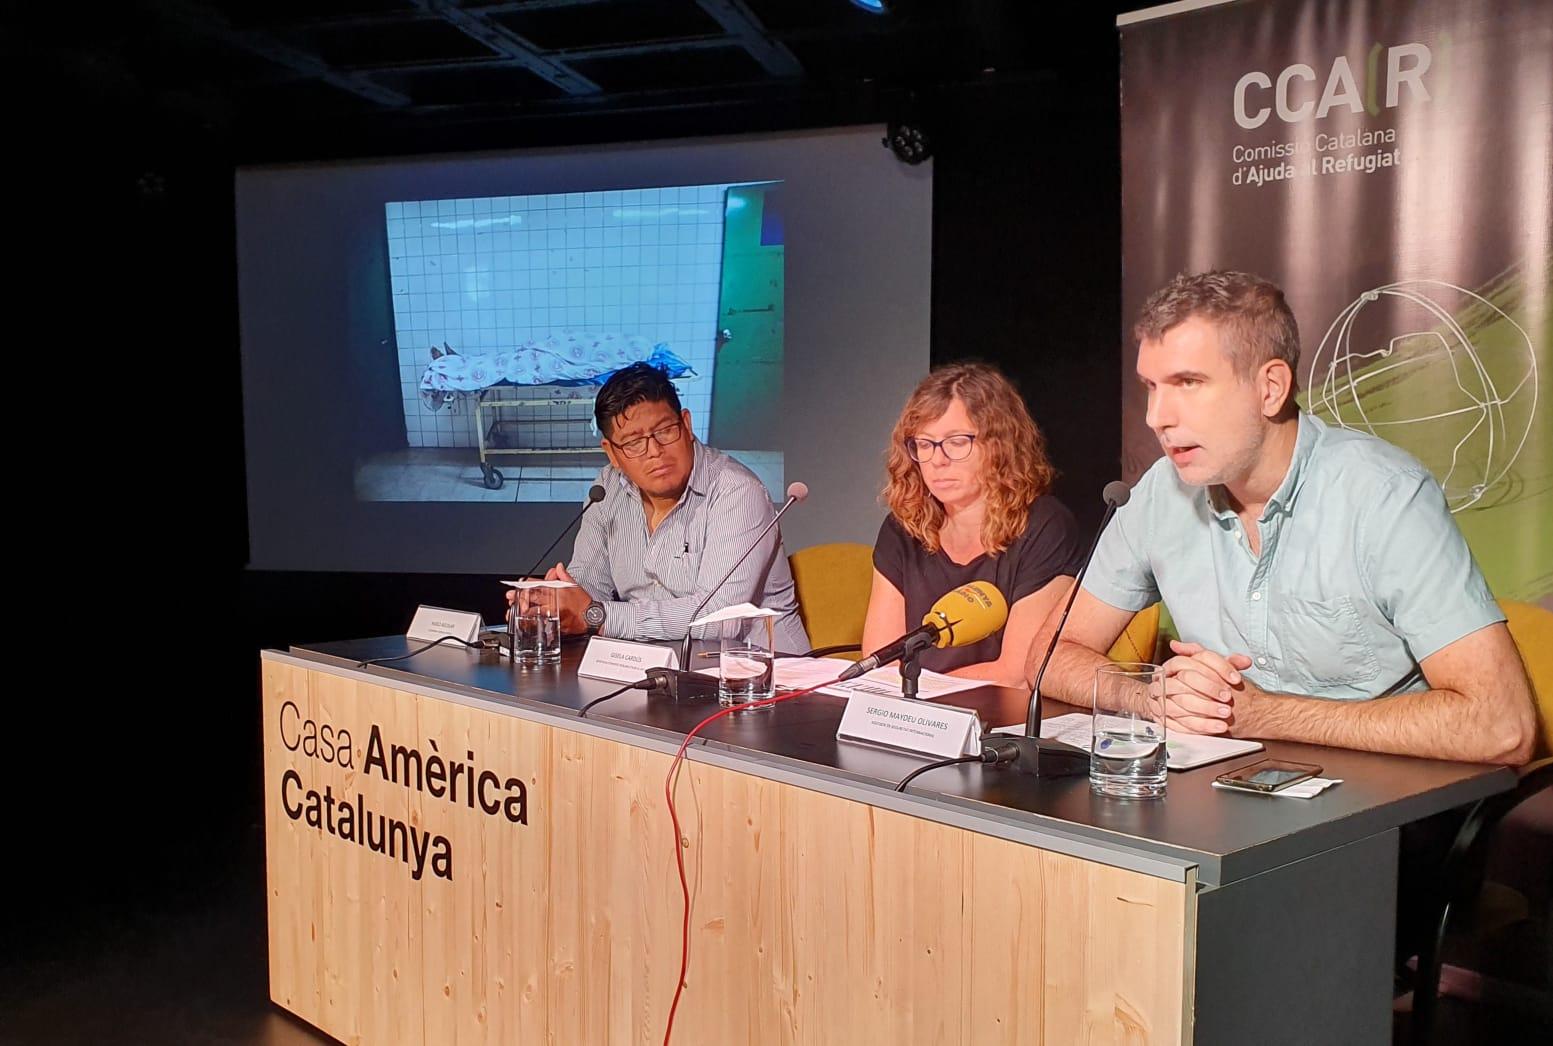 """La Comissió Catalana D'Ajuda Al Refugiat (CCAR) Presenta L'Informe """"Maras: Veure, Escoltar I Callar"""""""